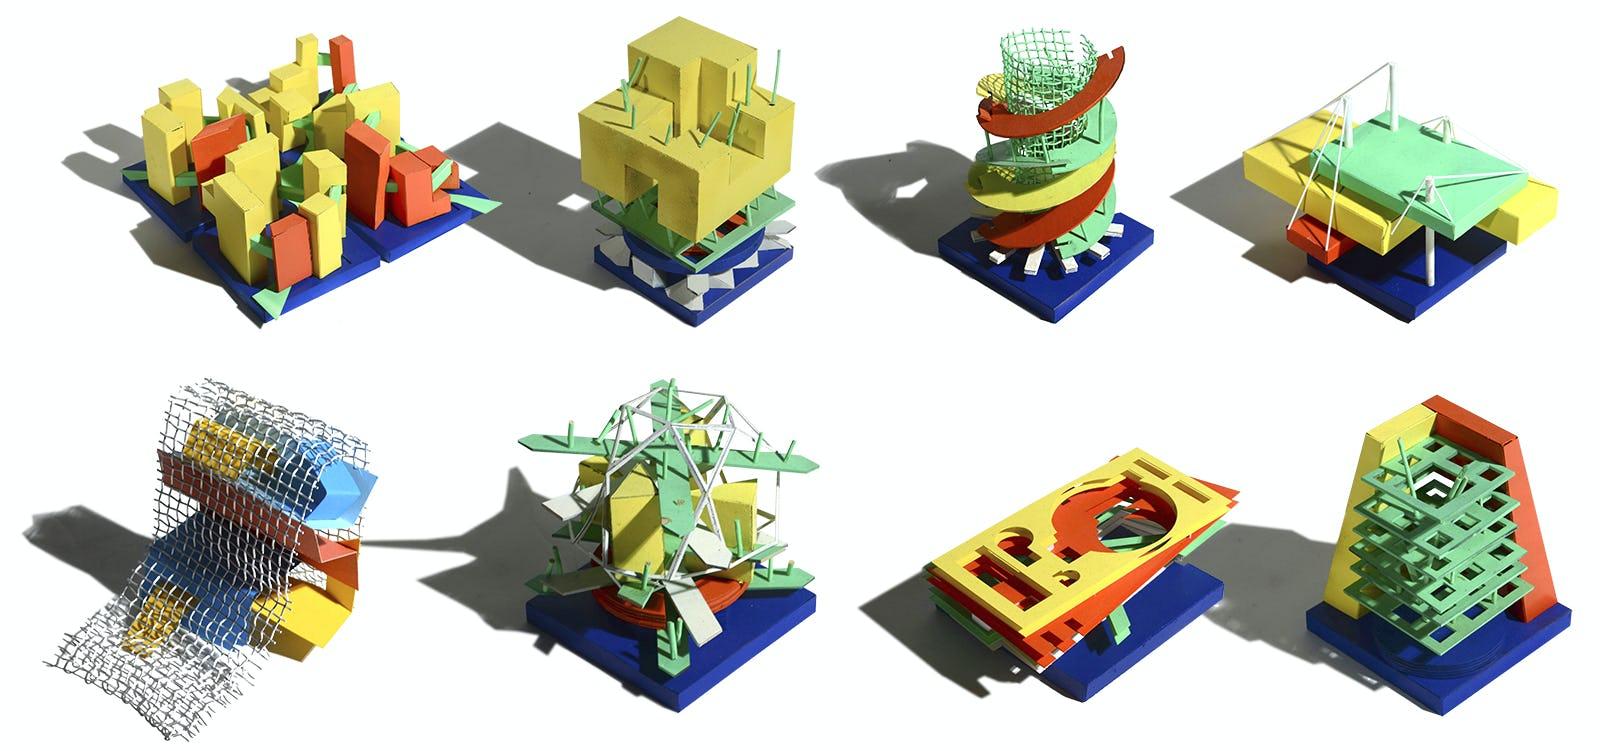 39e67f75 6b1b 471b 96e5 715a25c580c8%2fbryanmaddock coney models study